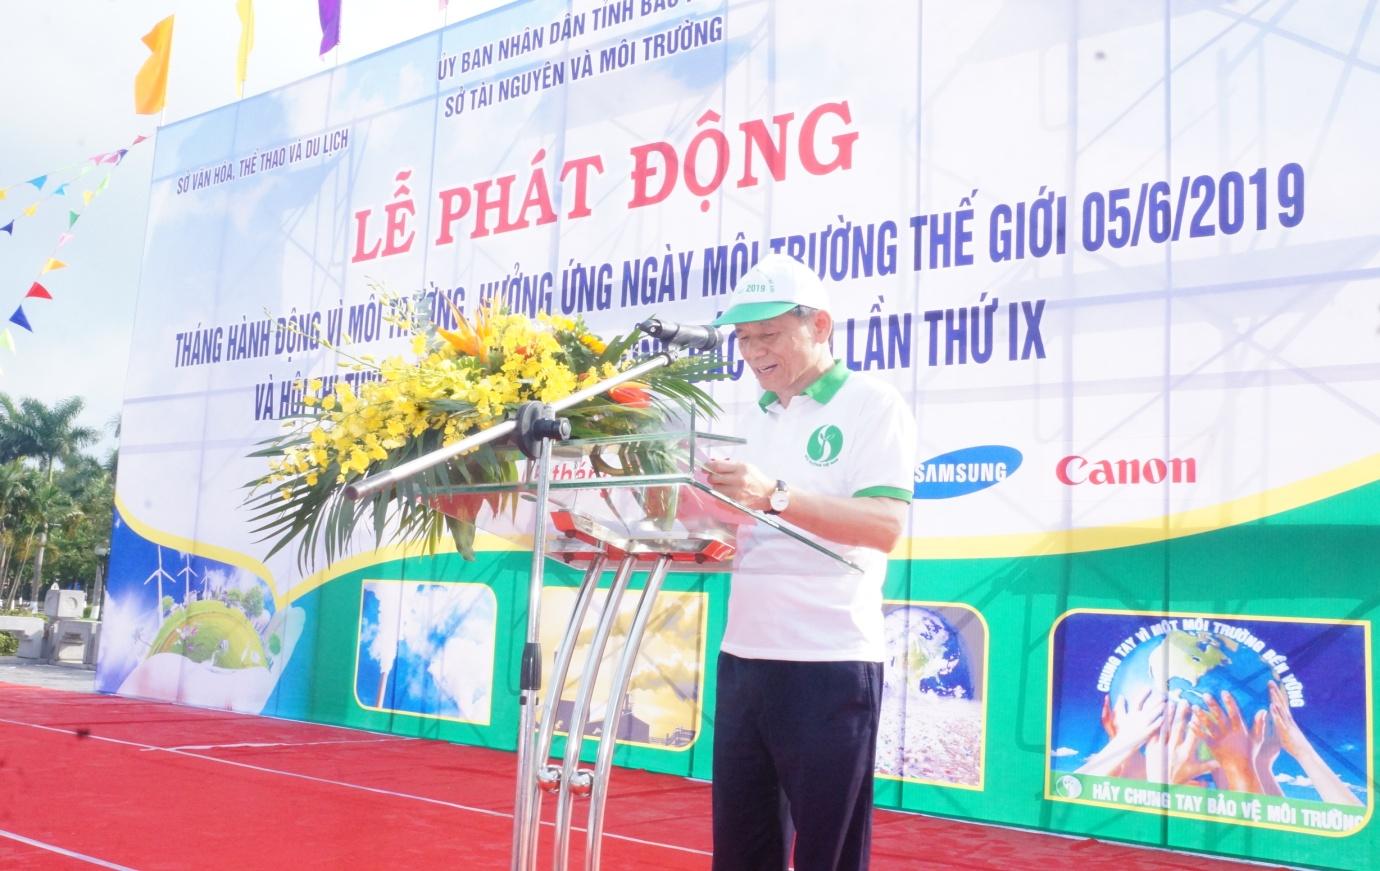 Bắc Ninh phát động Tháng hành động vì môi trường, Ngày môi trường Thế giới  - Ảnh 1